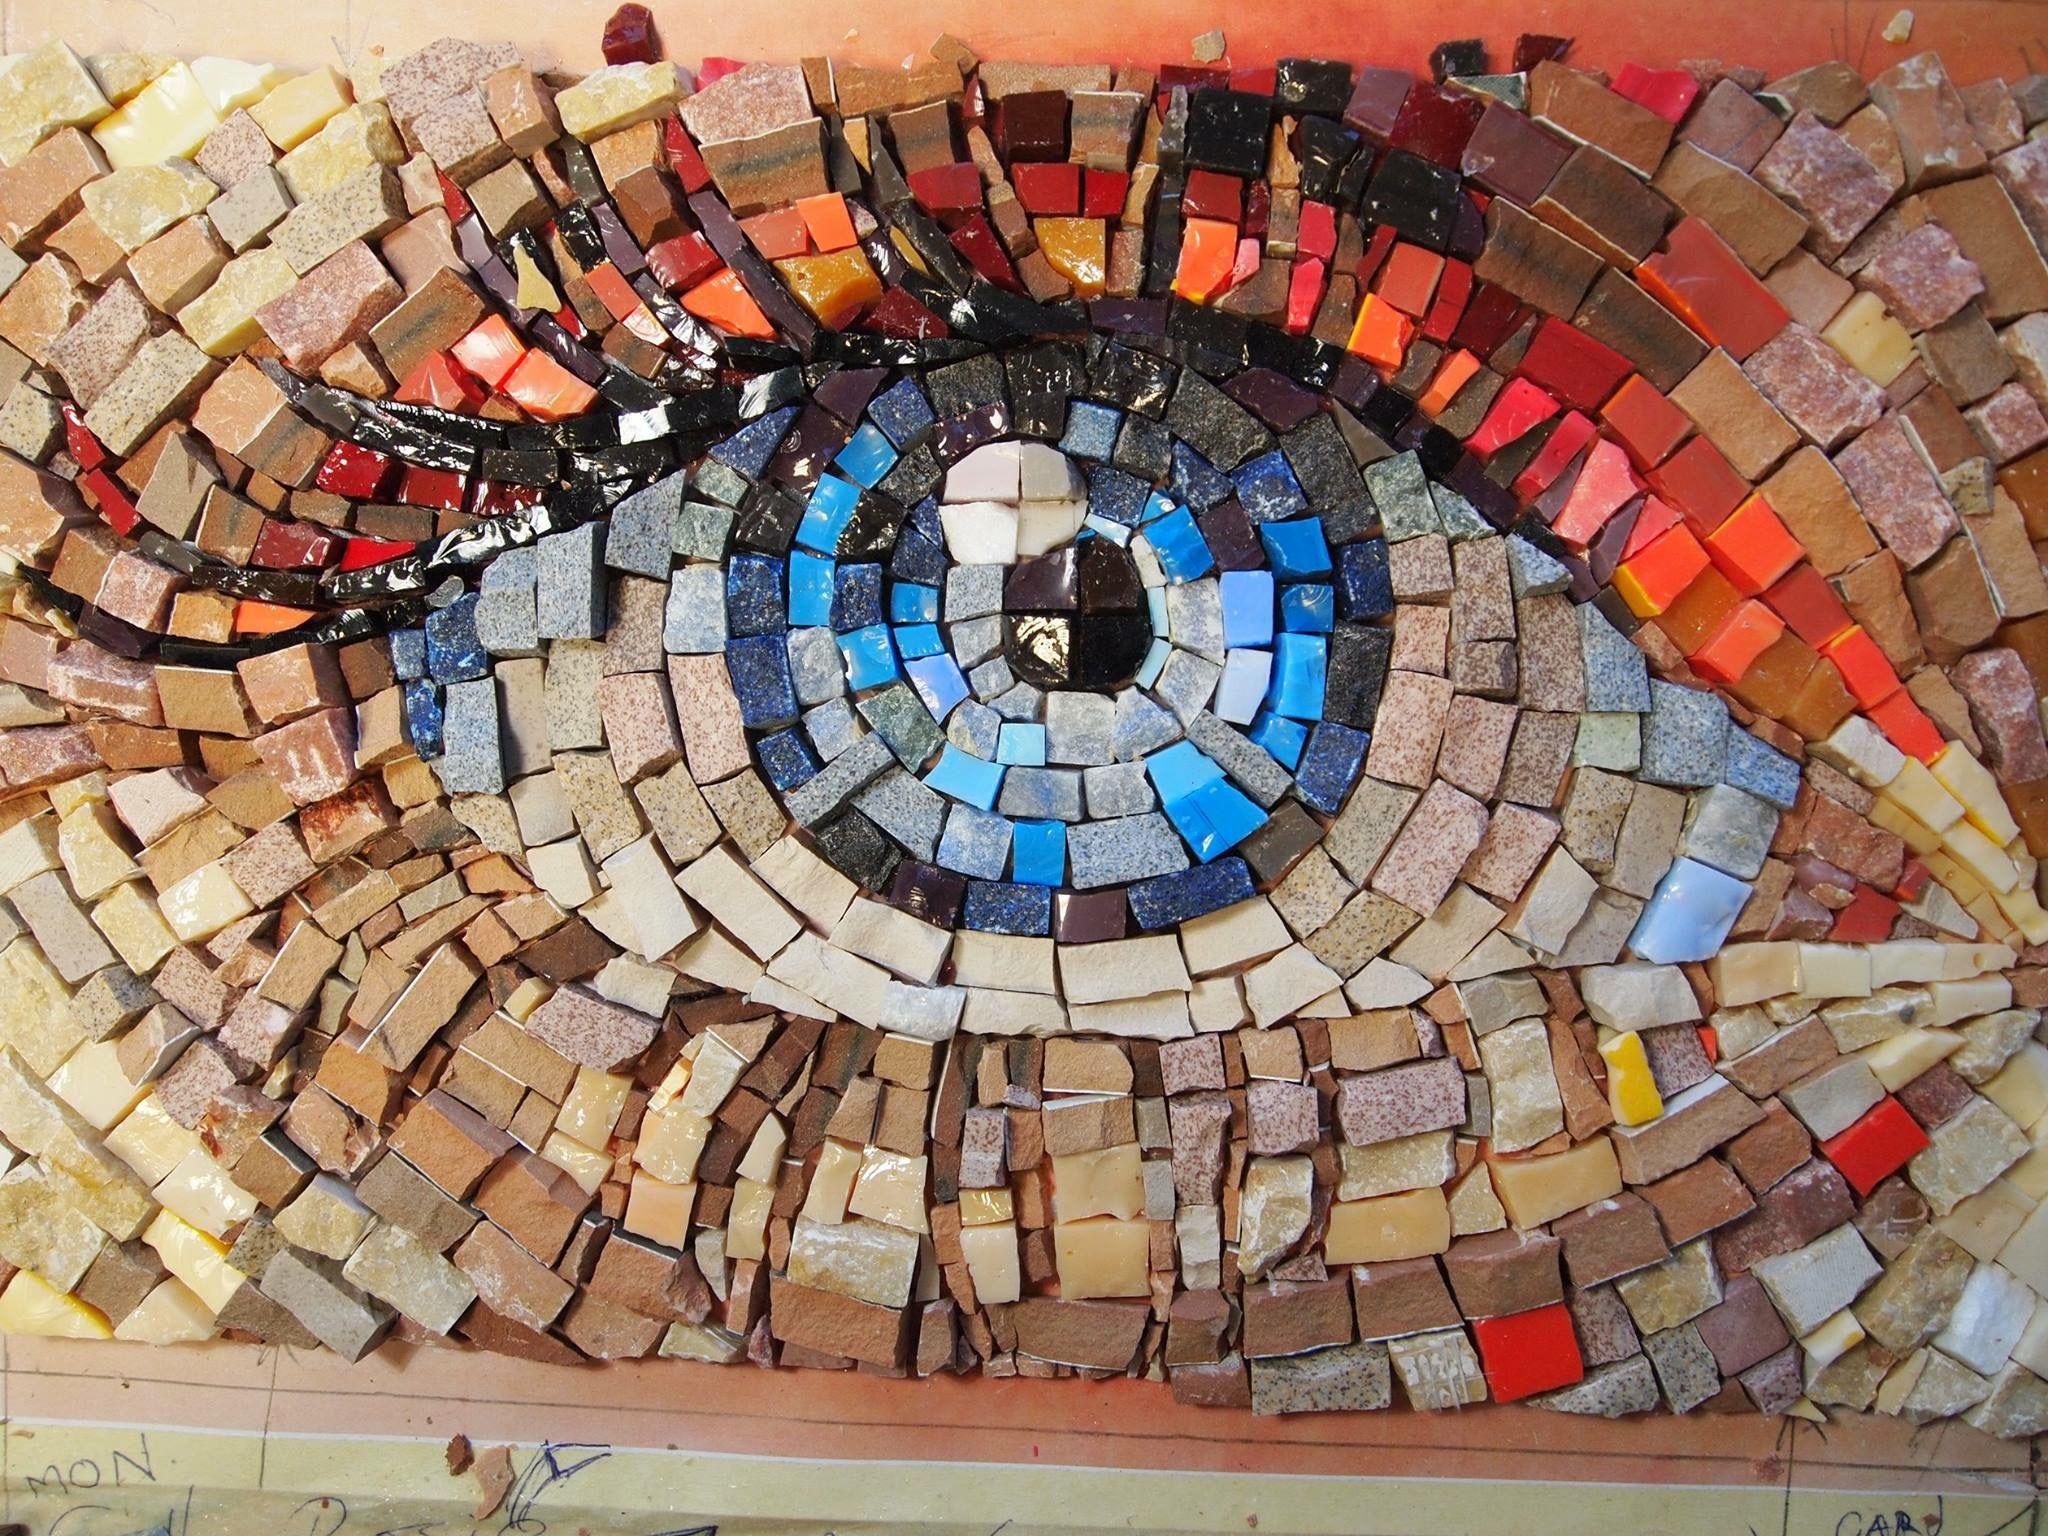 Spagna barcellona mosaico geometrico piastrelle per pavimento